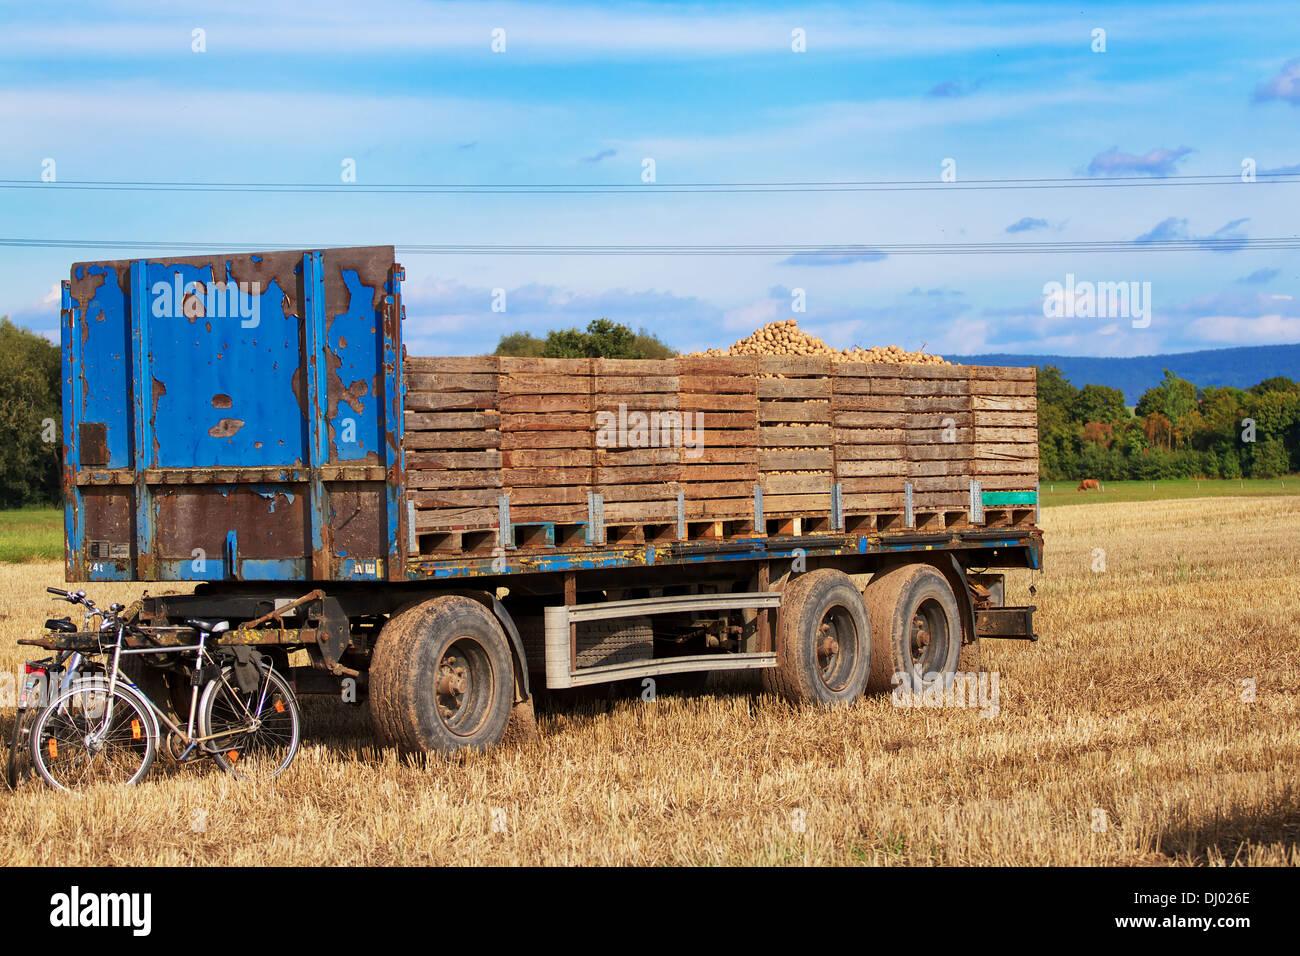 Ein Anhänger mit kartoffelkisten in einem Acker, der Anhänger Deichsel lehnen Fahrräder. Stockbild